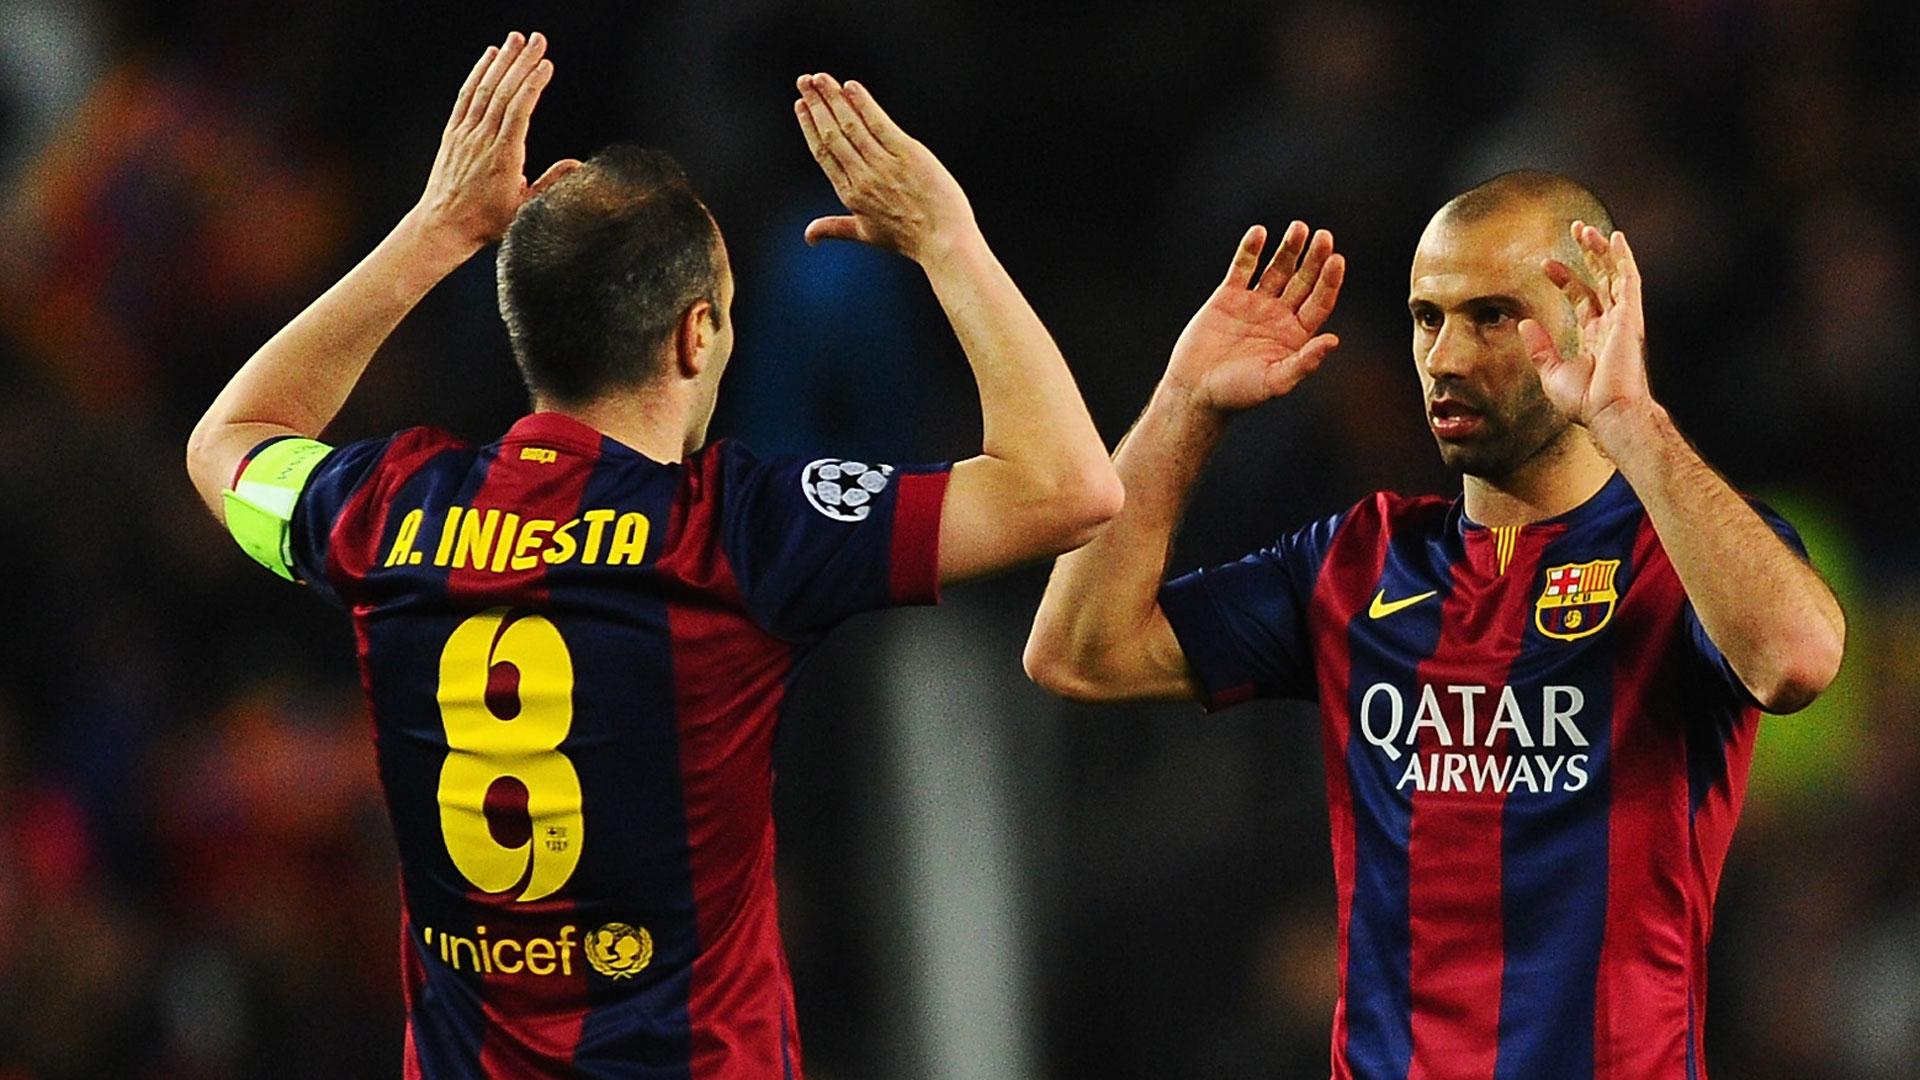 Alaves surprend le Barça, le Real seul en tête — Espagne